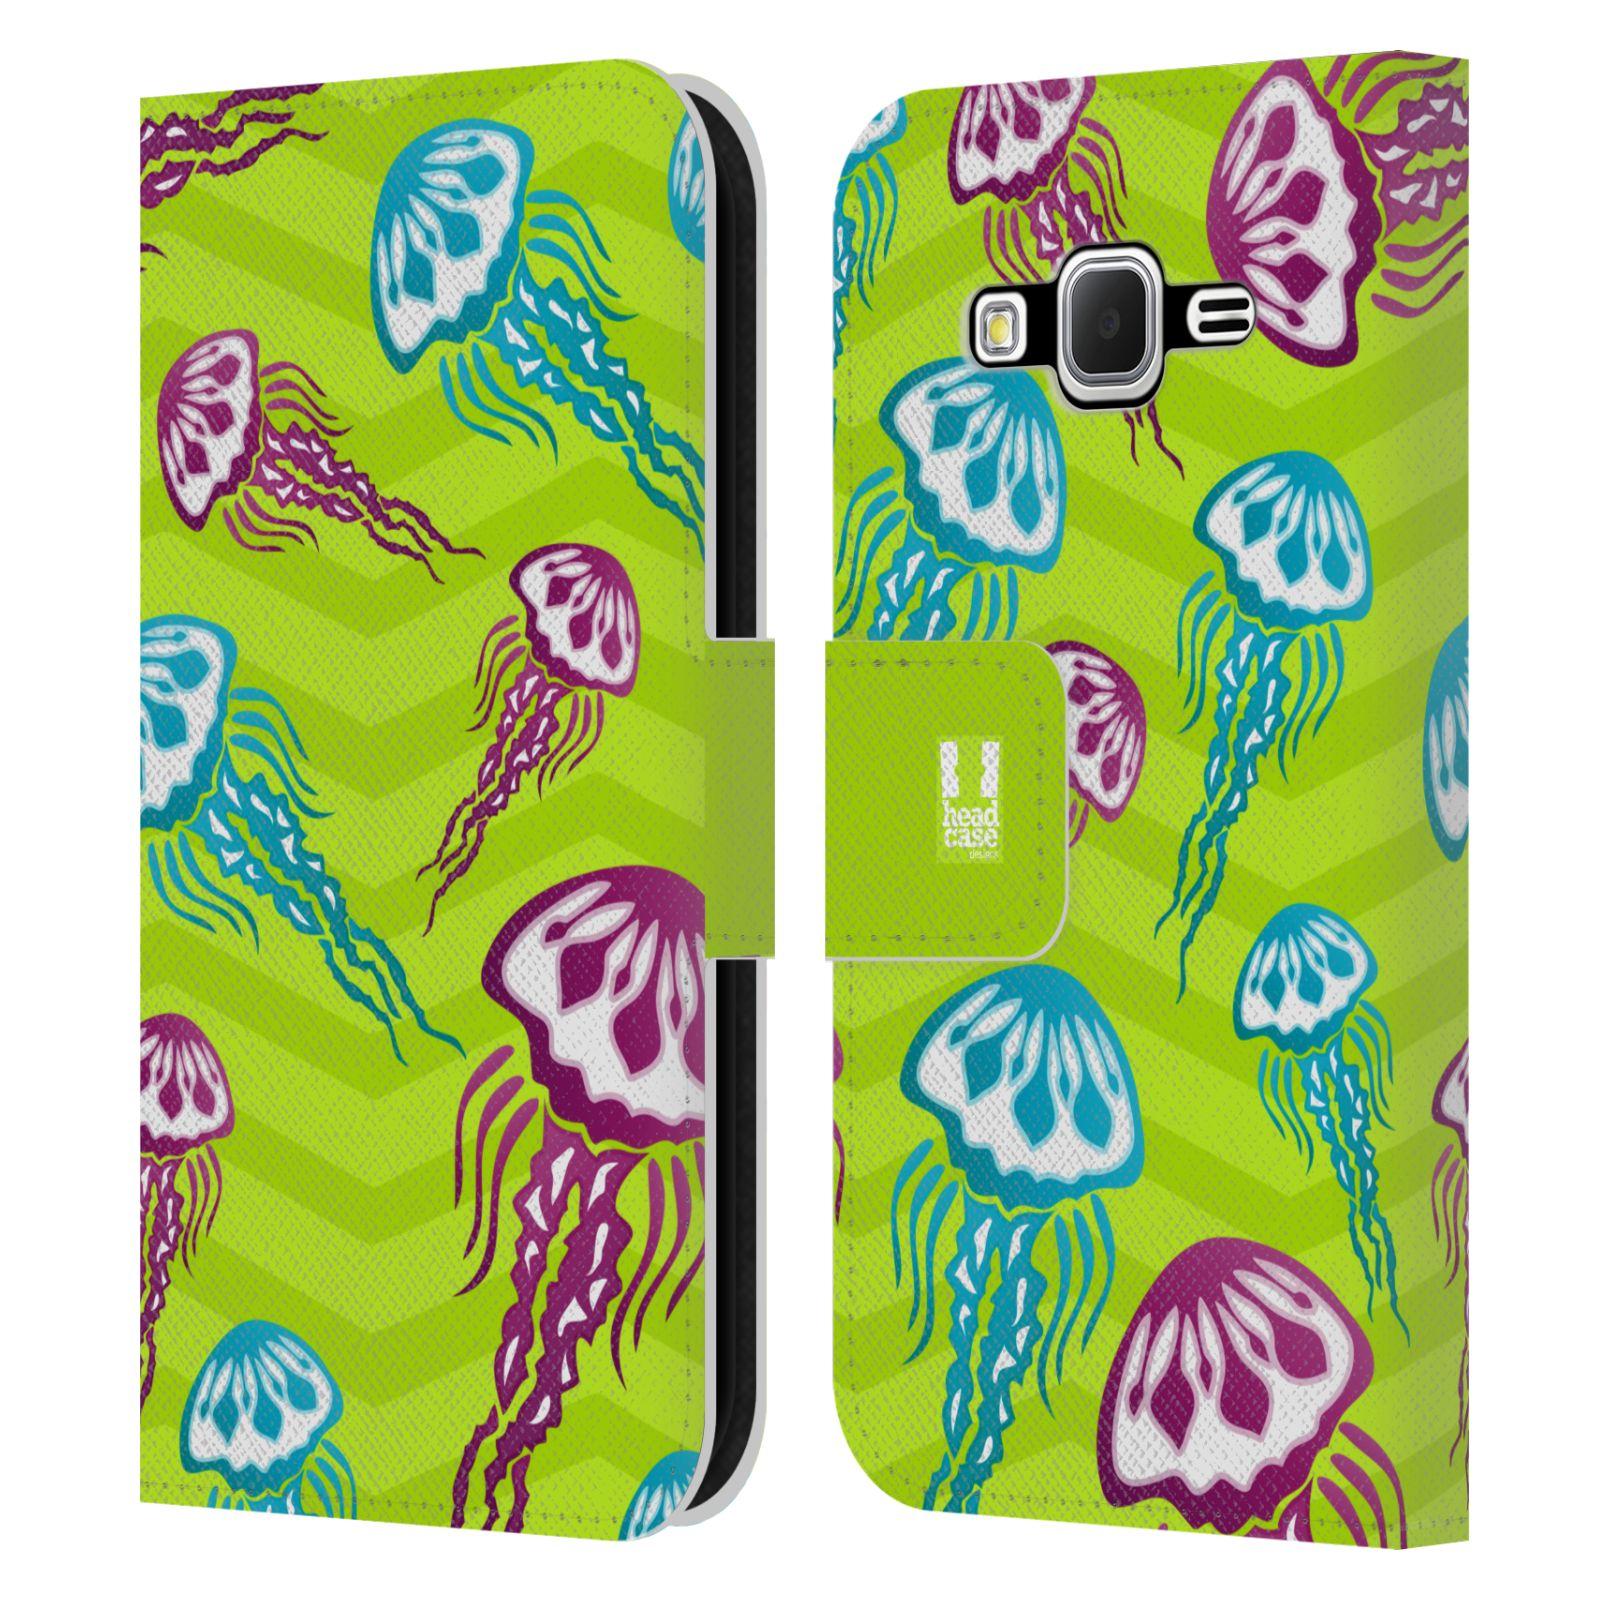 HEAD CASE Flipové pouzdro pro mobil Samsung Galaxy CORE PRIME Mořský živočich medůza zelená barva